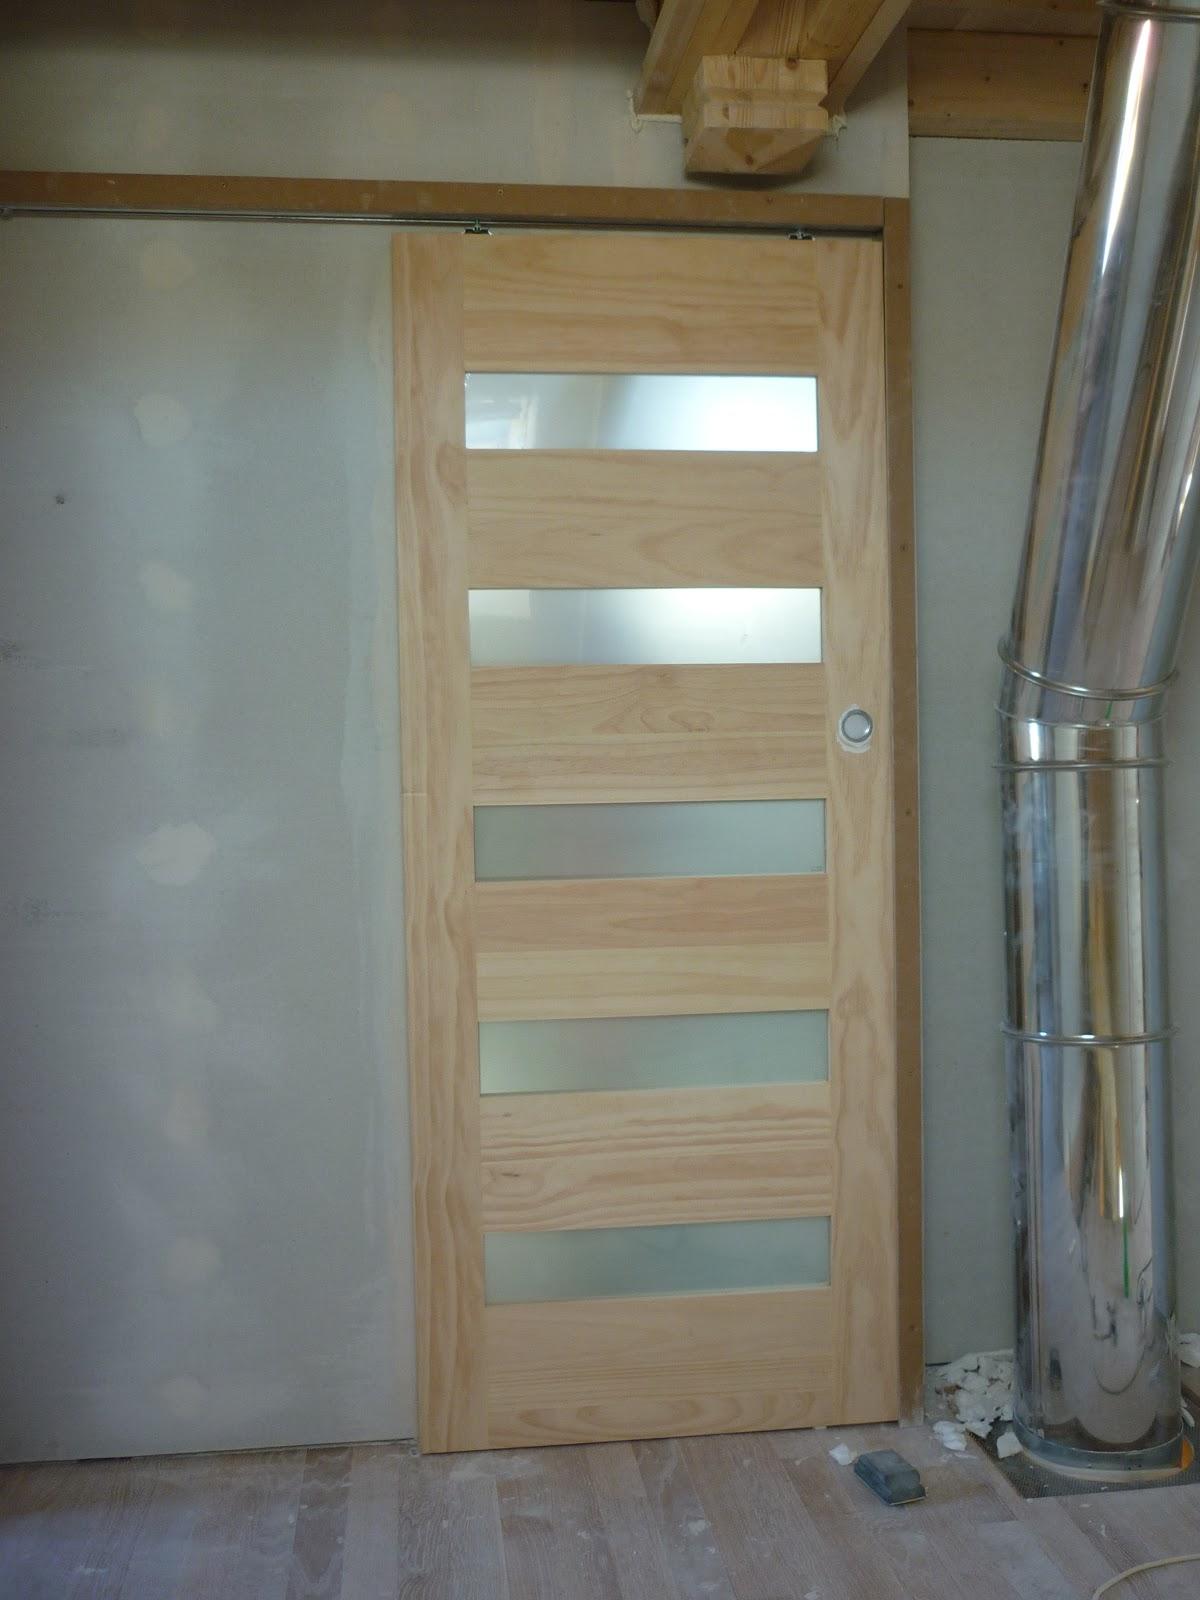 Construction de notre maison agnos salle de bain 1 for Porte salle de bain